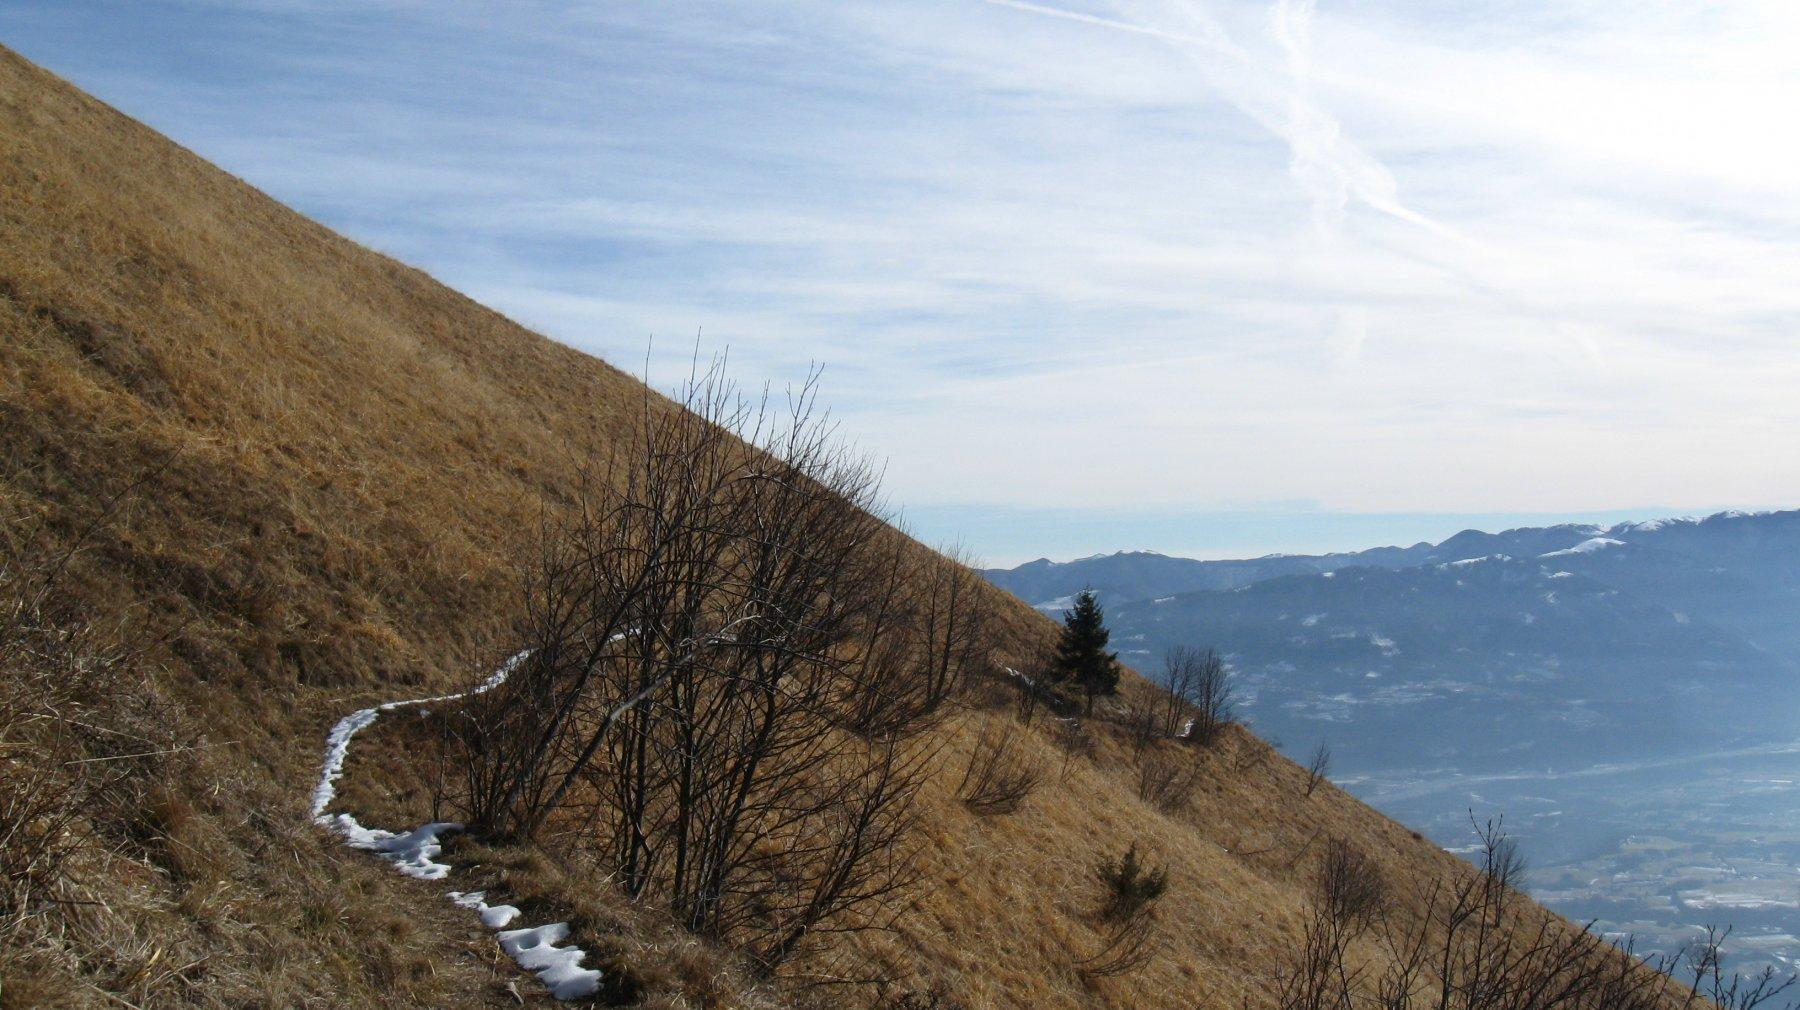 Forcella San Mauro - Monte Grave da Arson, traversata 2019-01-26